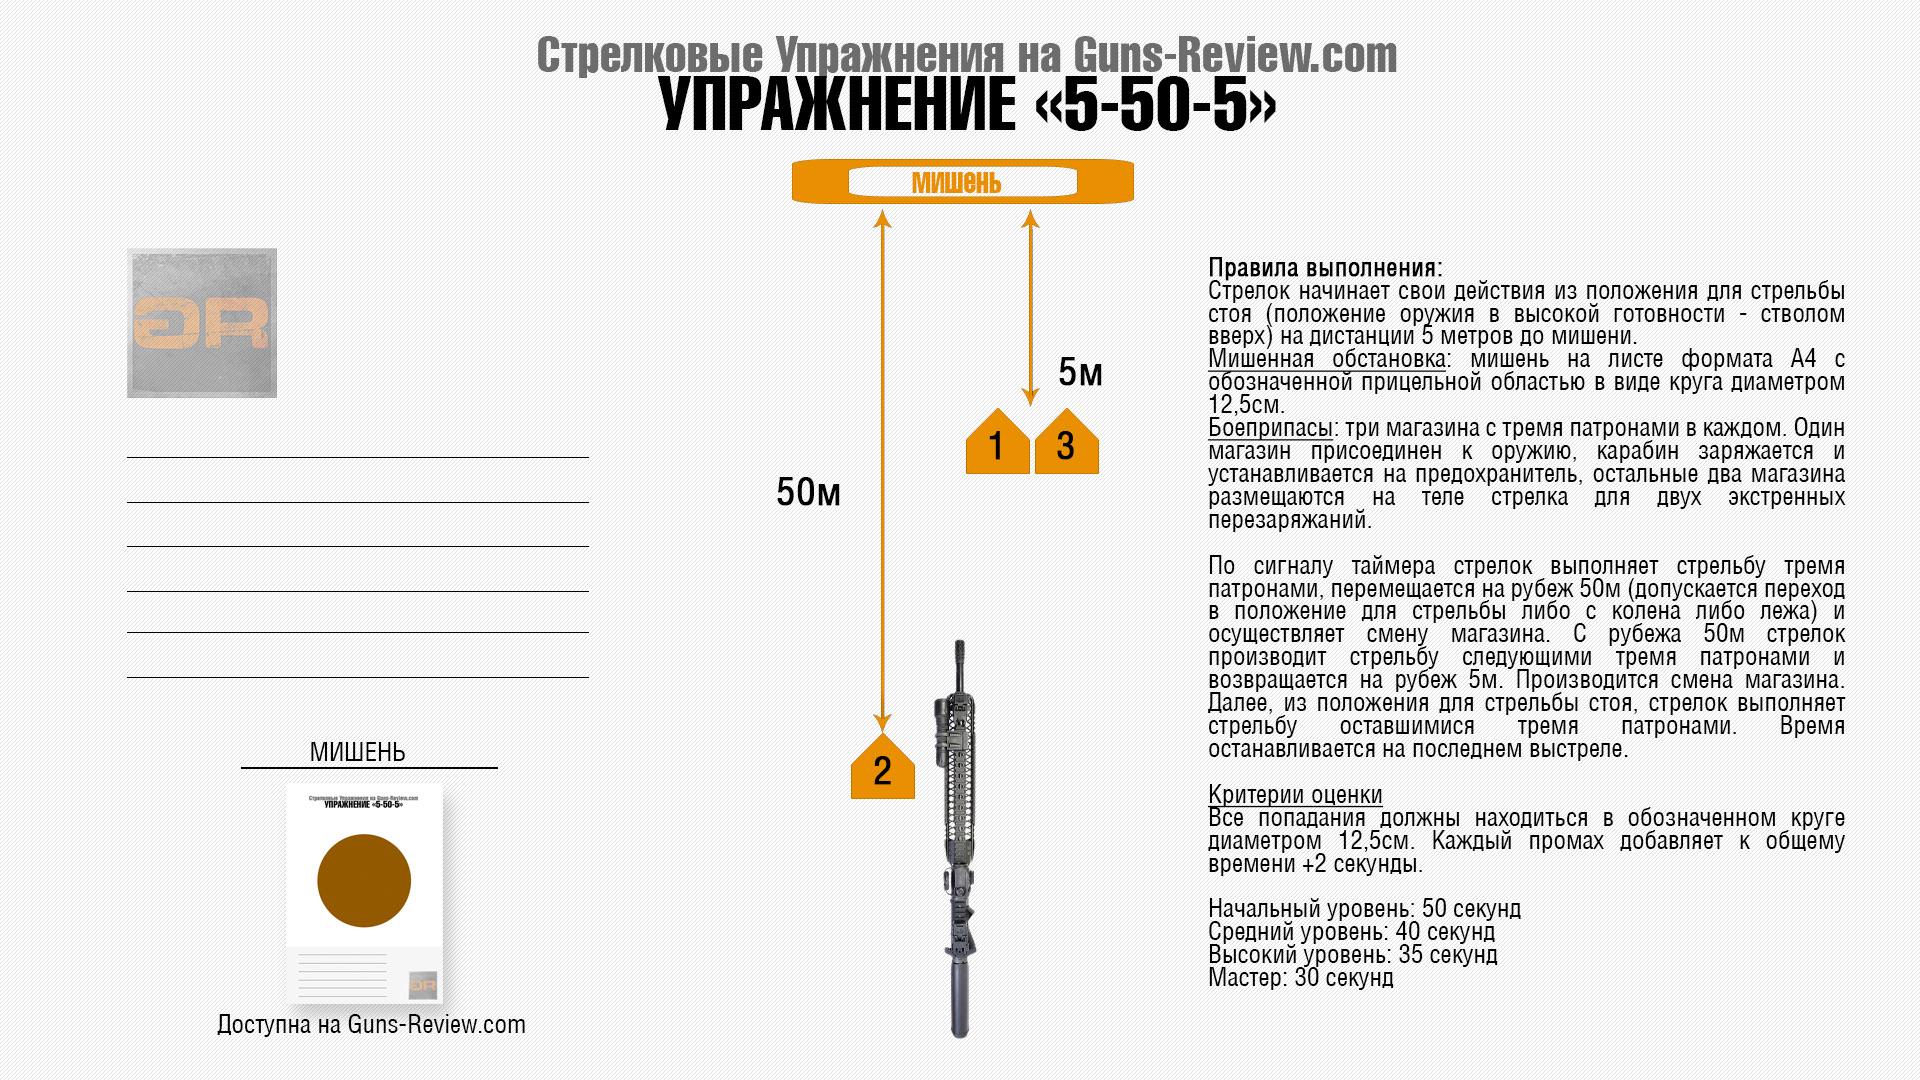 Схема выполнения Стрелкового упражнения для карабина или винтовки 5-50-5